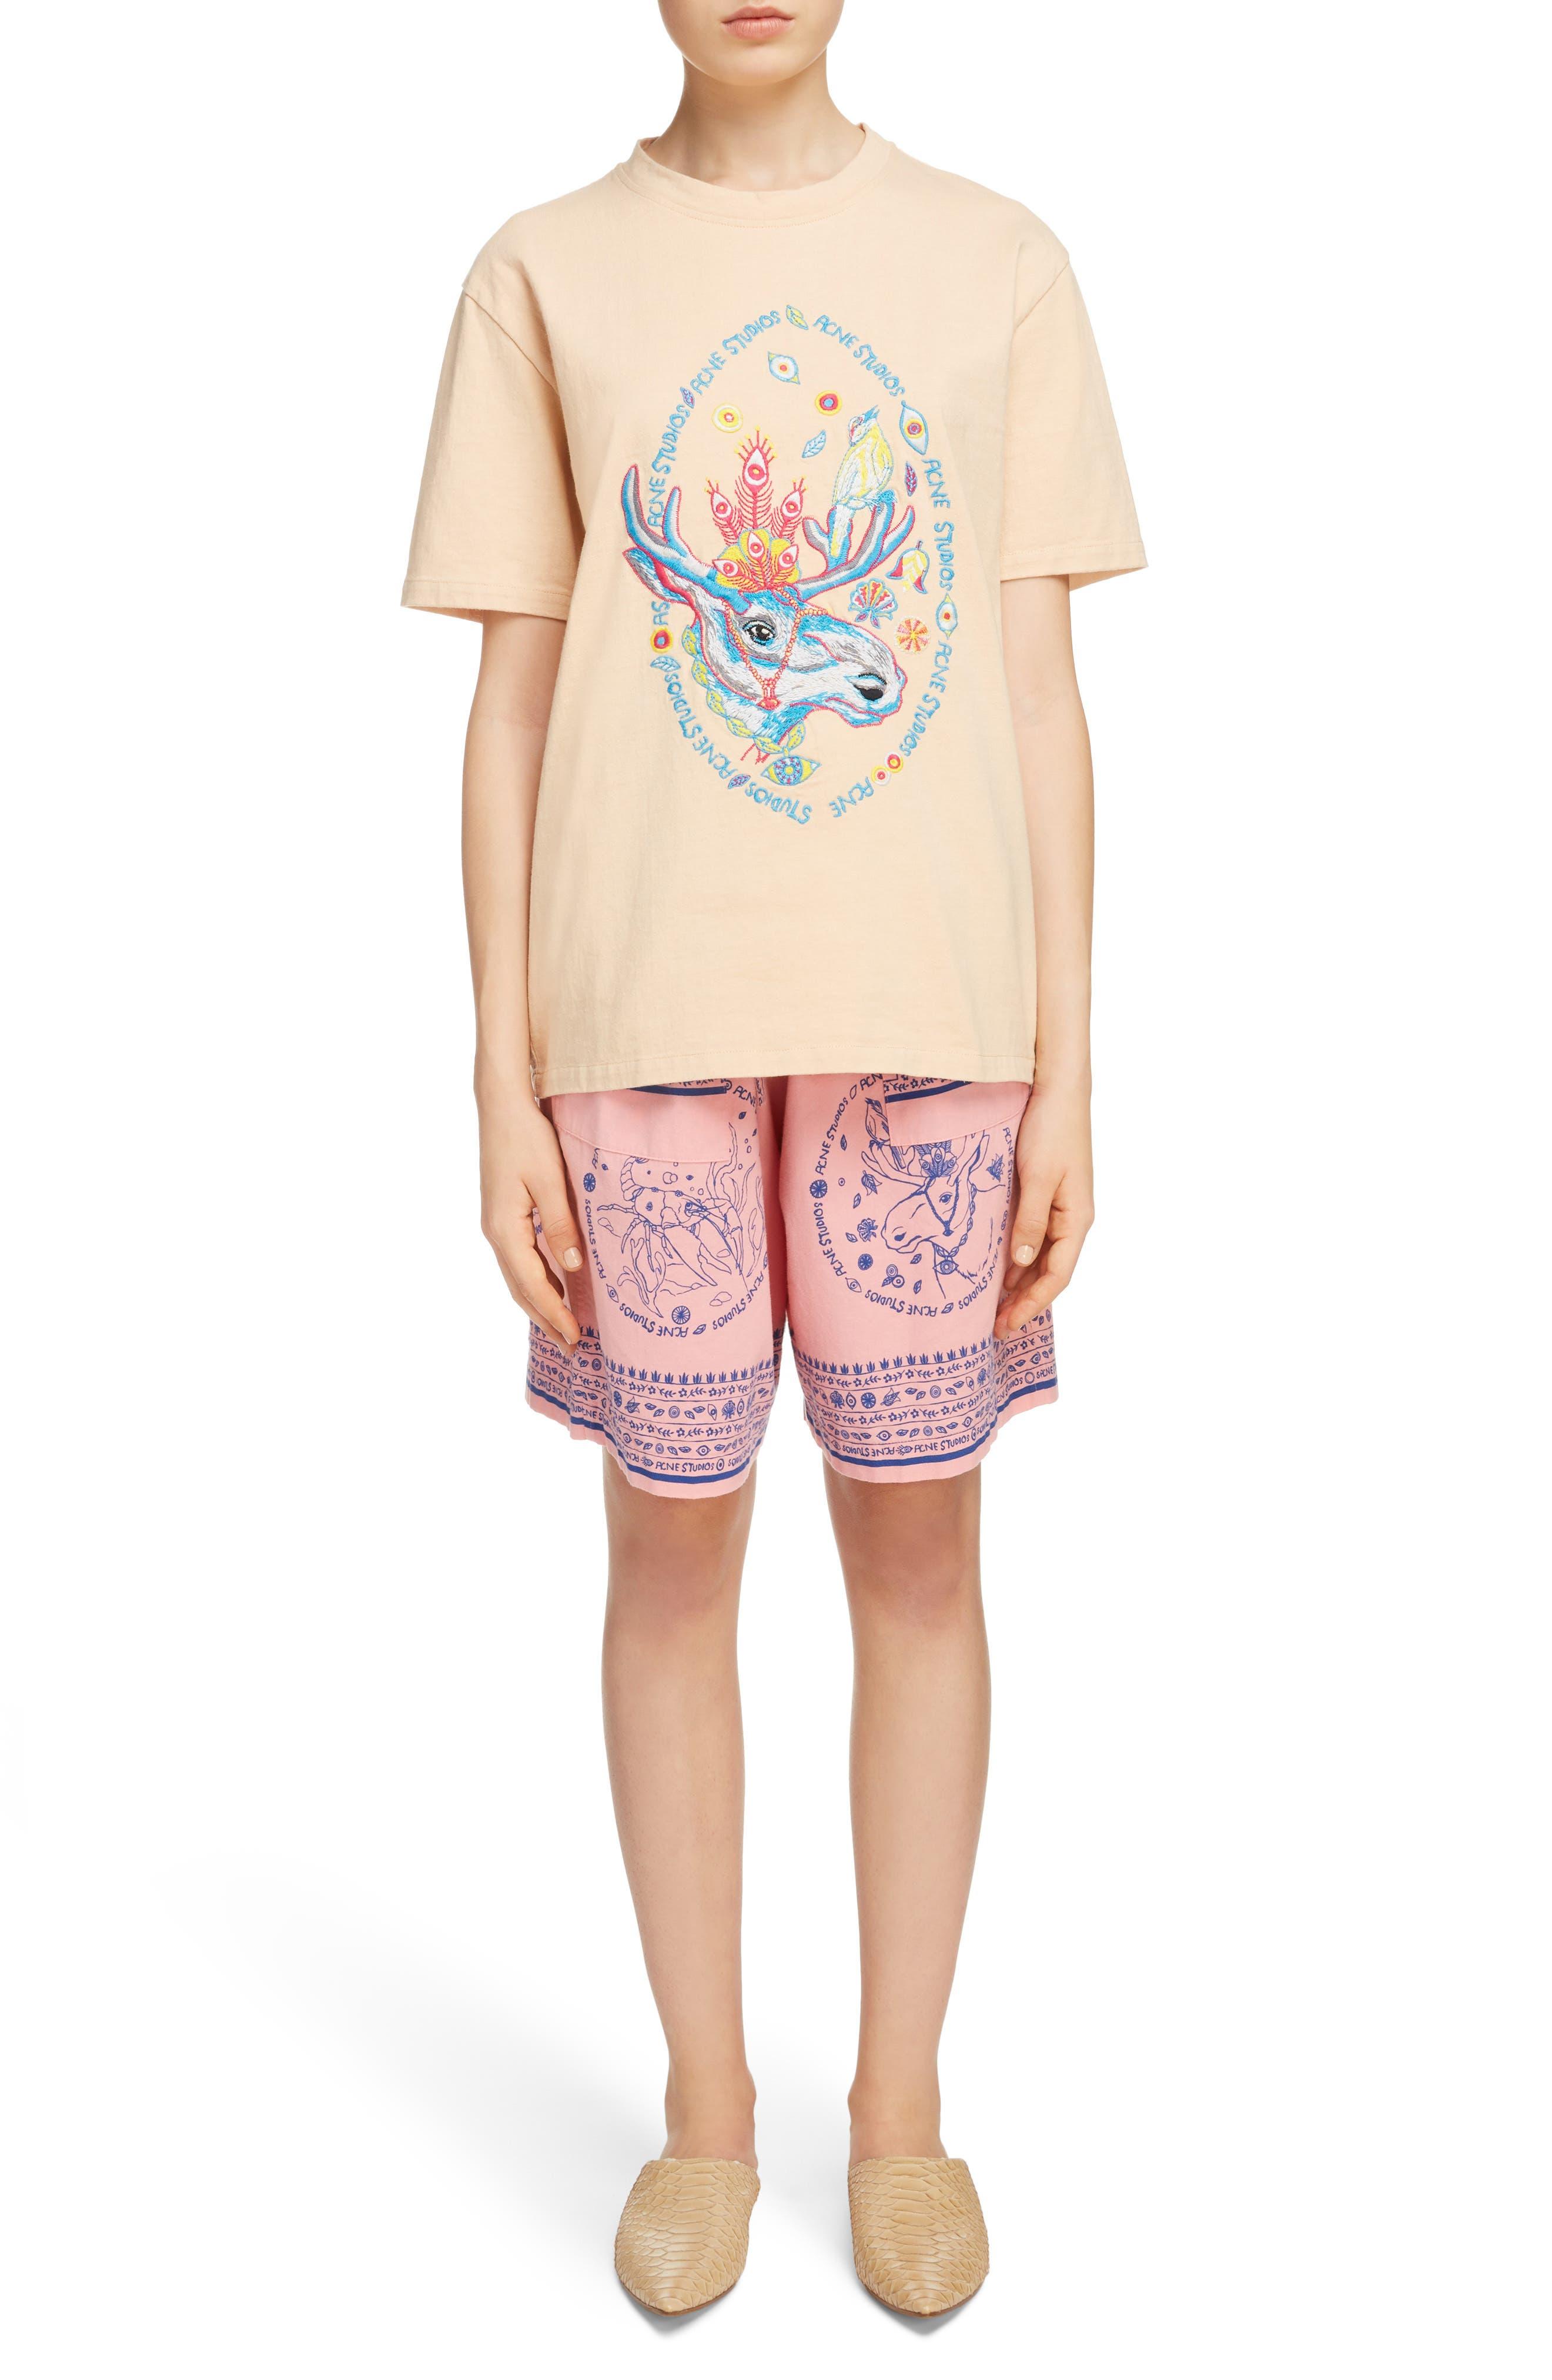 Nejlika Print Shorts,                             Alternate thumbnail 7, color,                             Pink Block Print